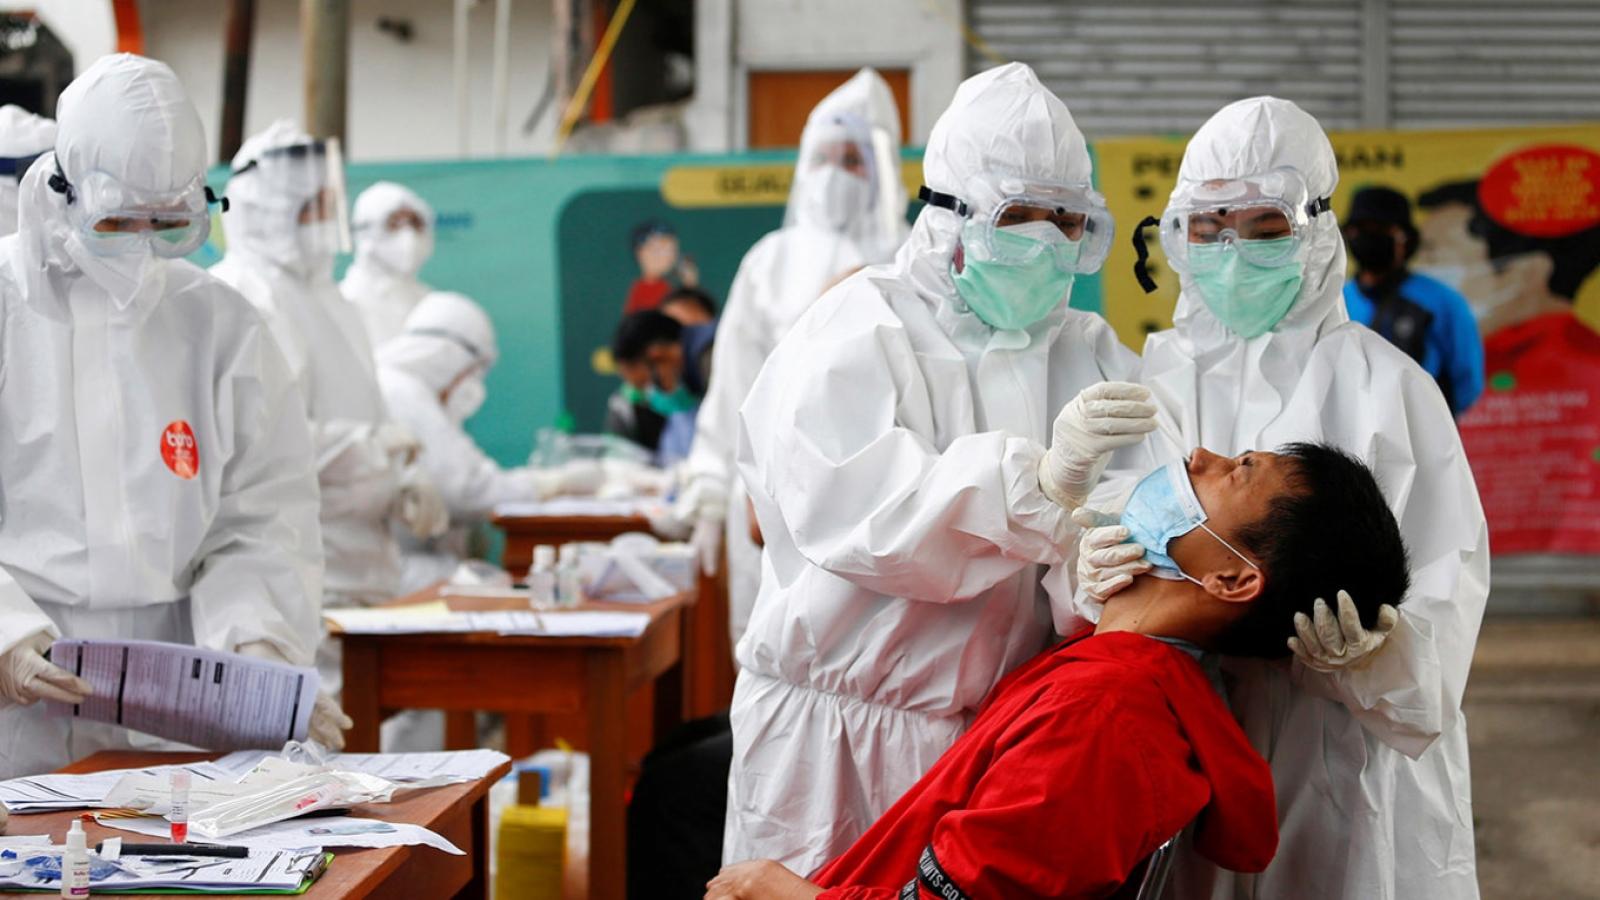 Tỷ lệ tử vong do Covid-19 tăng ở Indonesia, Séc ghi nhận ít nhất 1.400 ca tái mắc